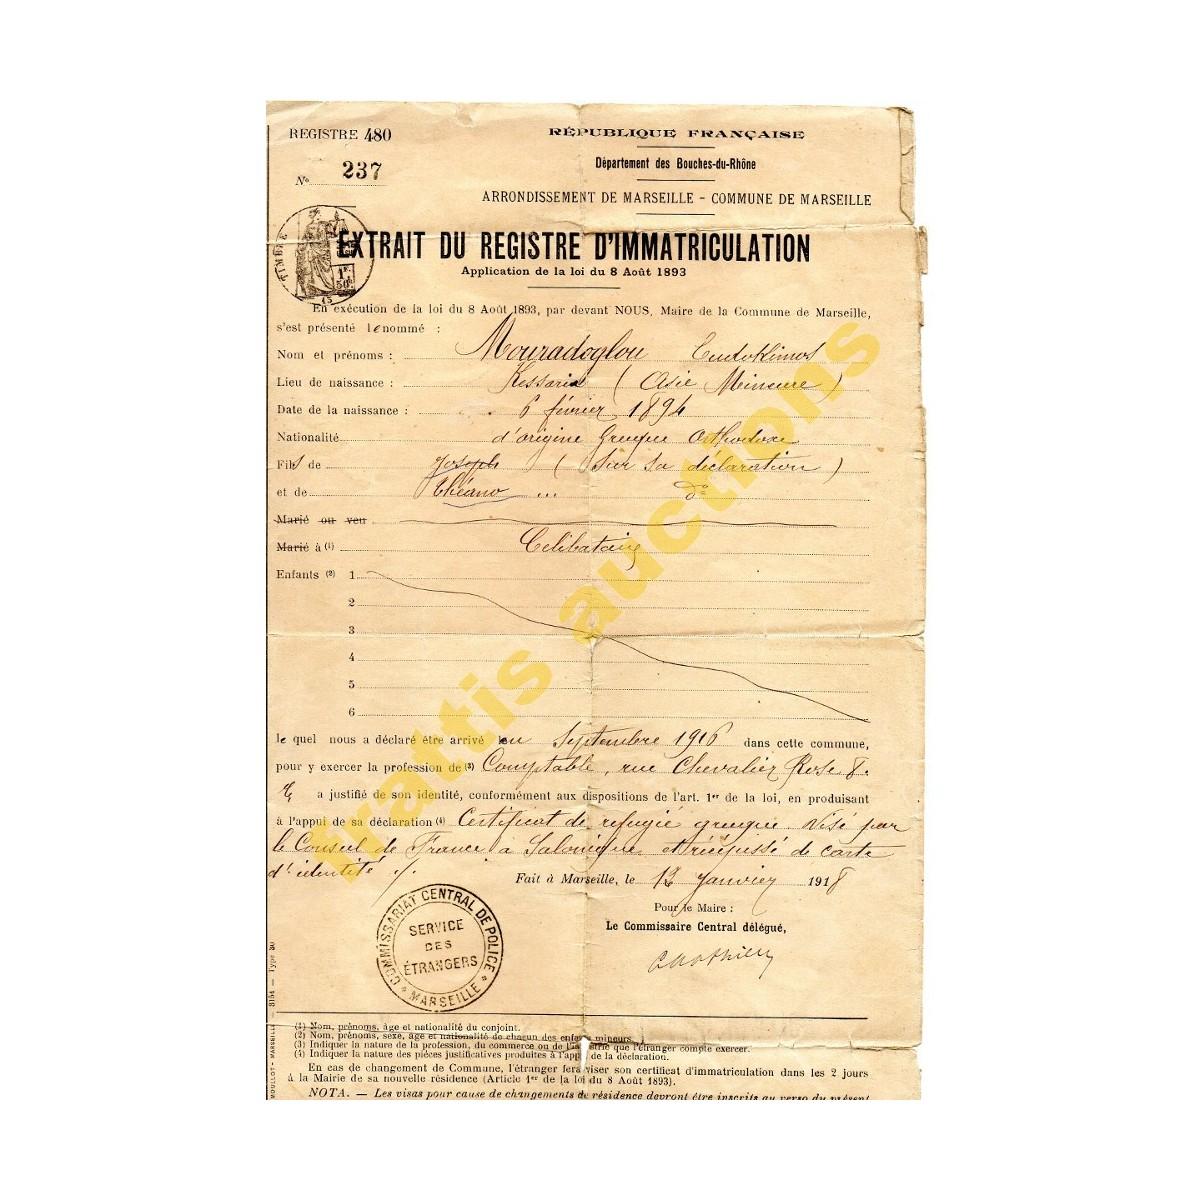 Γαλλική Δημοκρατια, Μητρώο εγγραφής, Υπηρεσία Αλλοδαπών,1918.